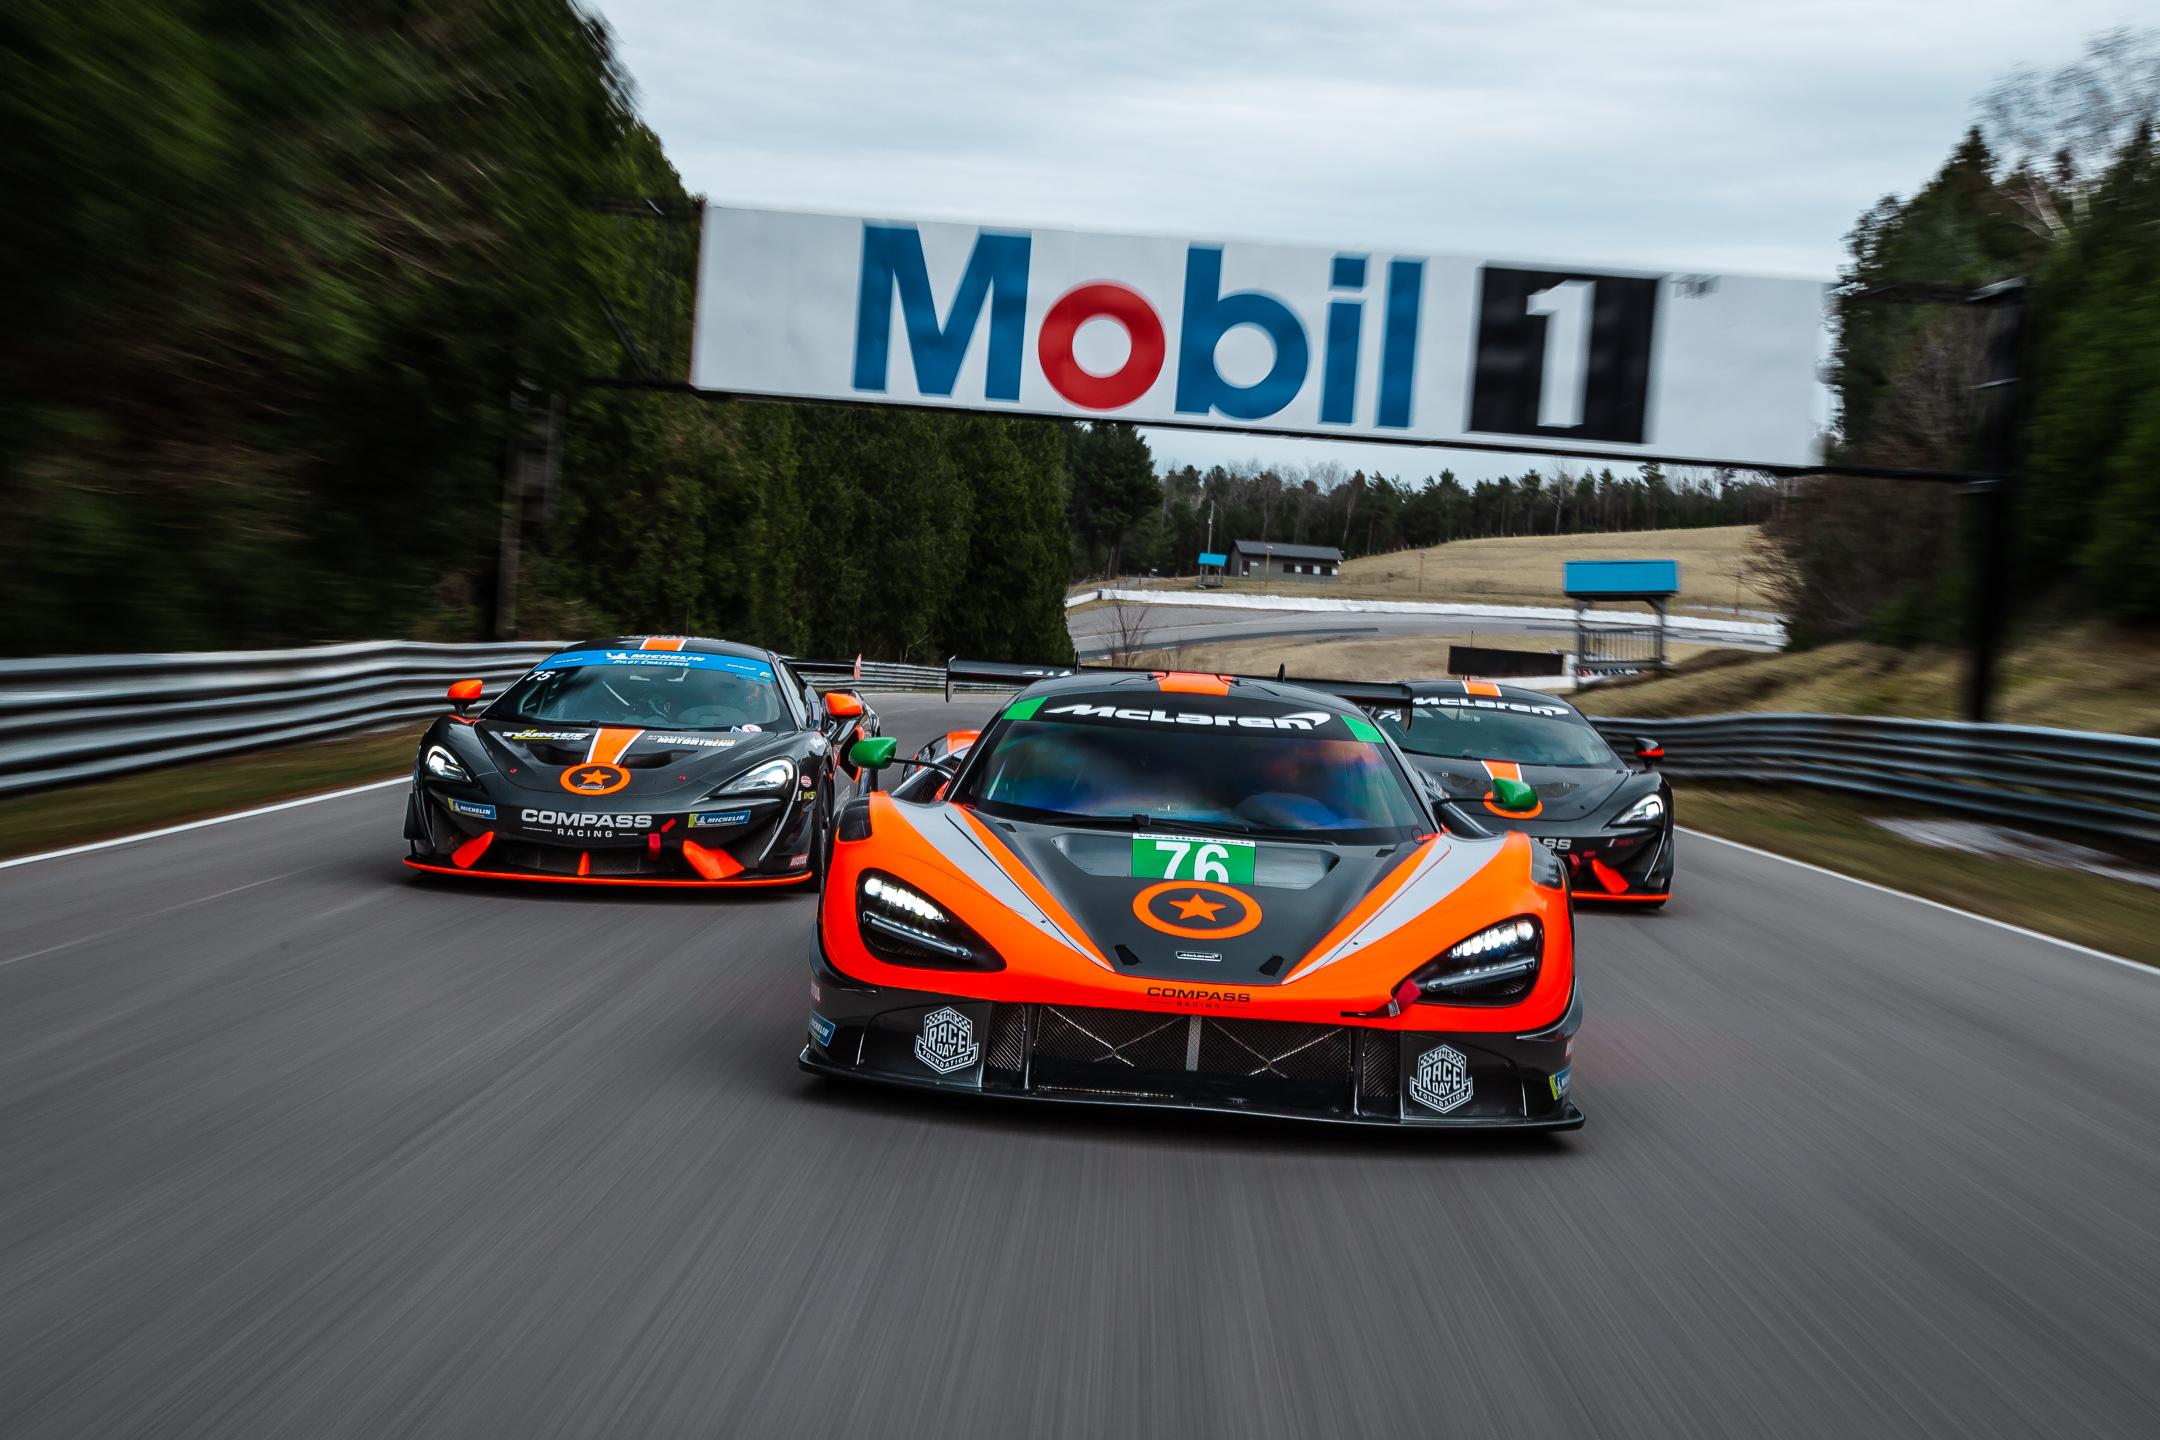 McLaren 720S GT3 - Compass Racing-8478-2.jpg